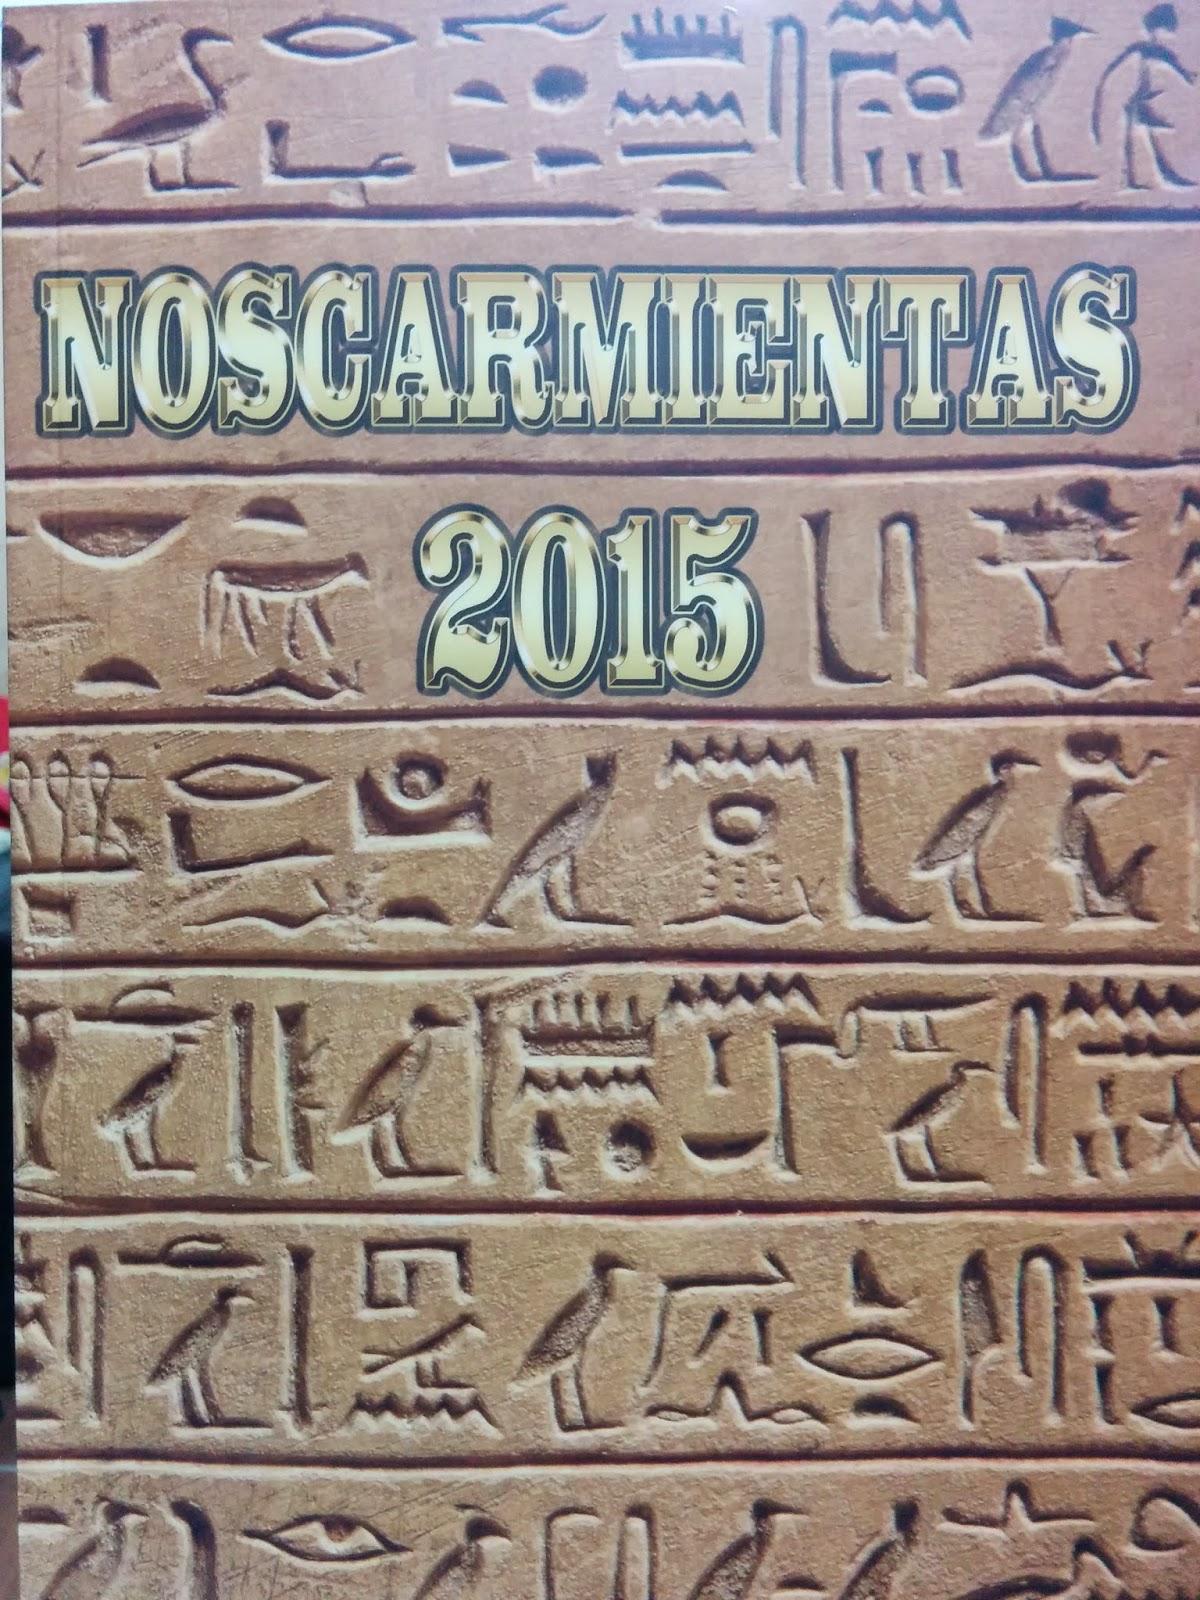 egipto+llibret+noscarmientas+falla